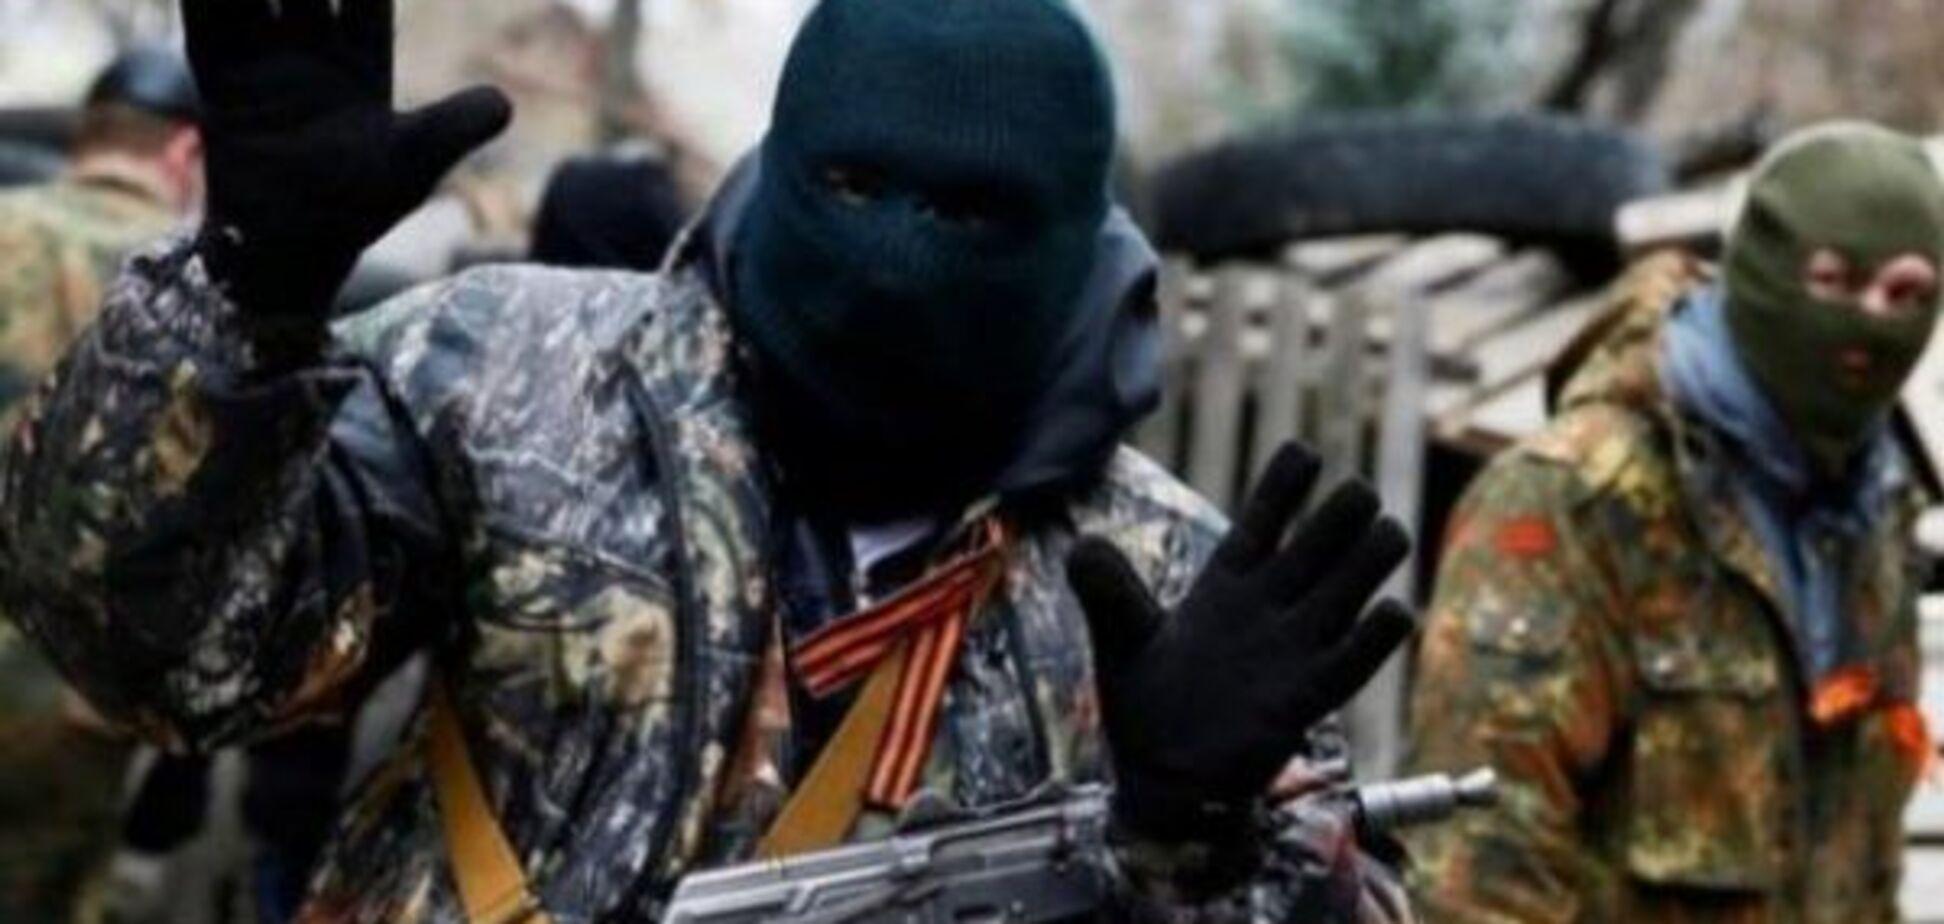 Звідки в 'Л/ДНР' найманці з Європи: експерт розкрив деталі